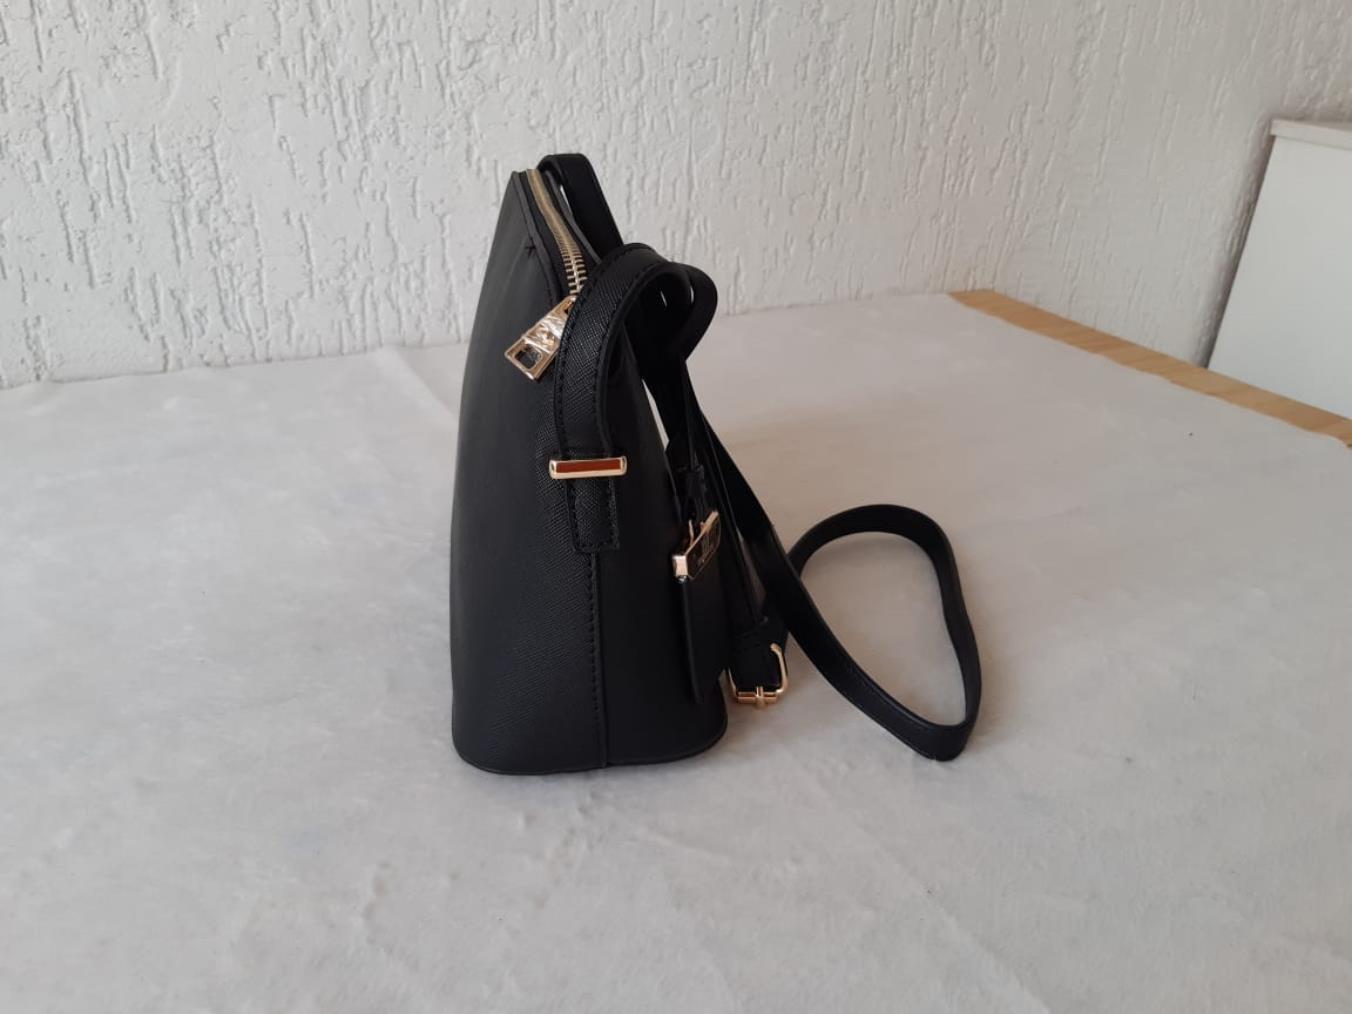 Bolsa pequena com alça transversal